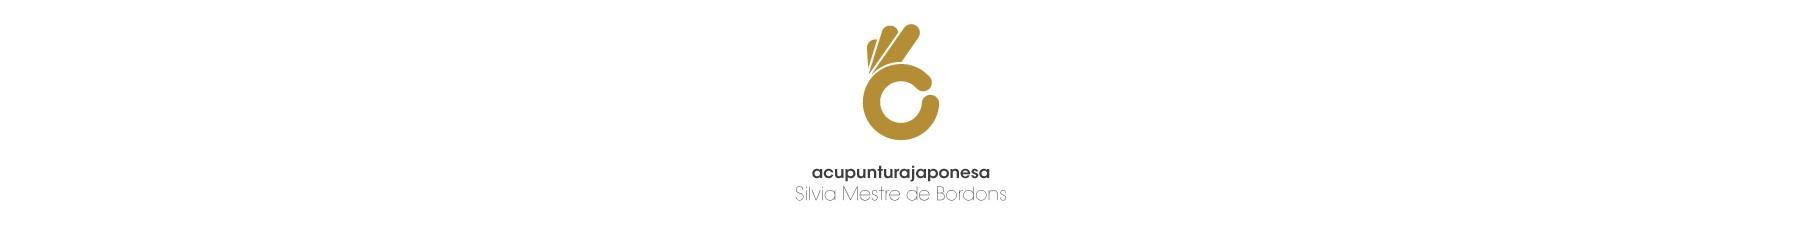 acupunturajaponesa